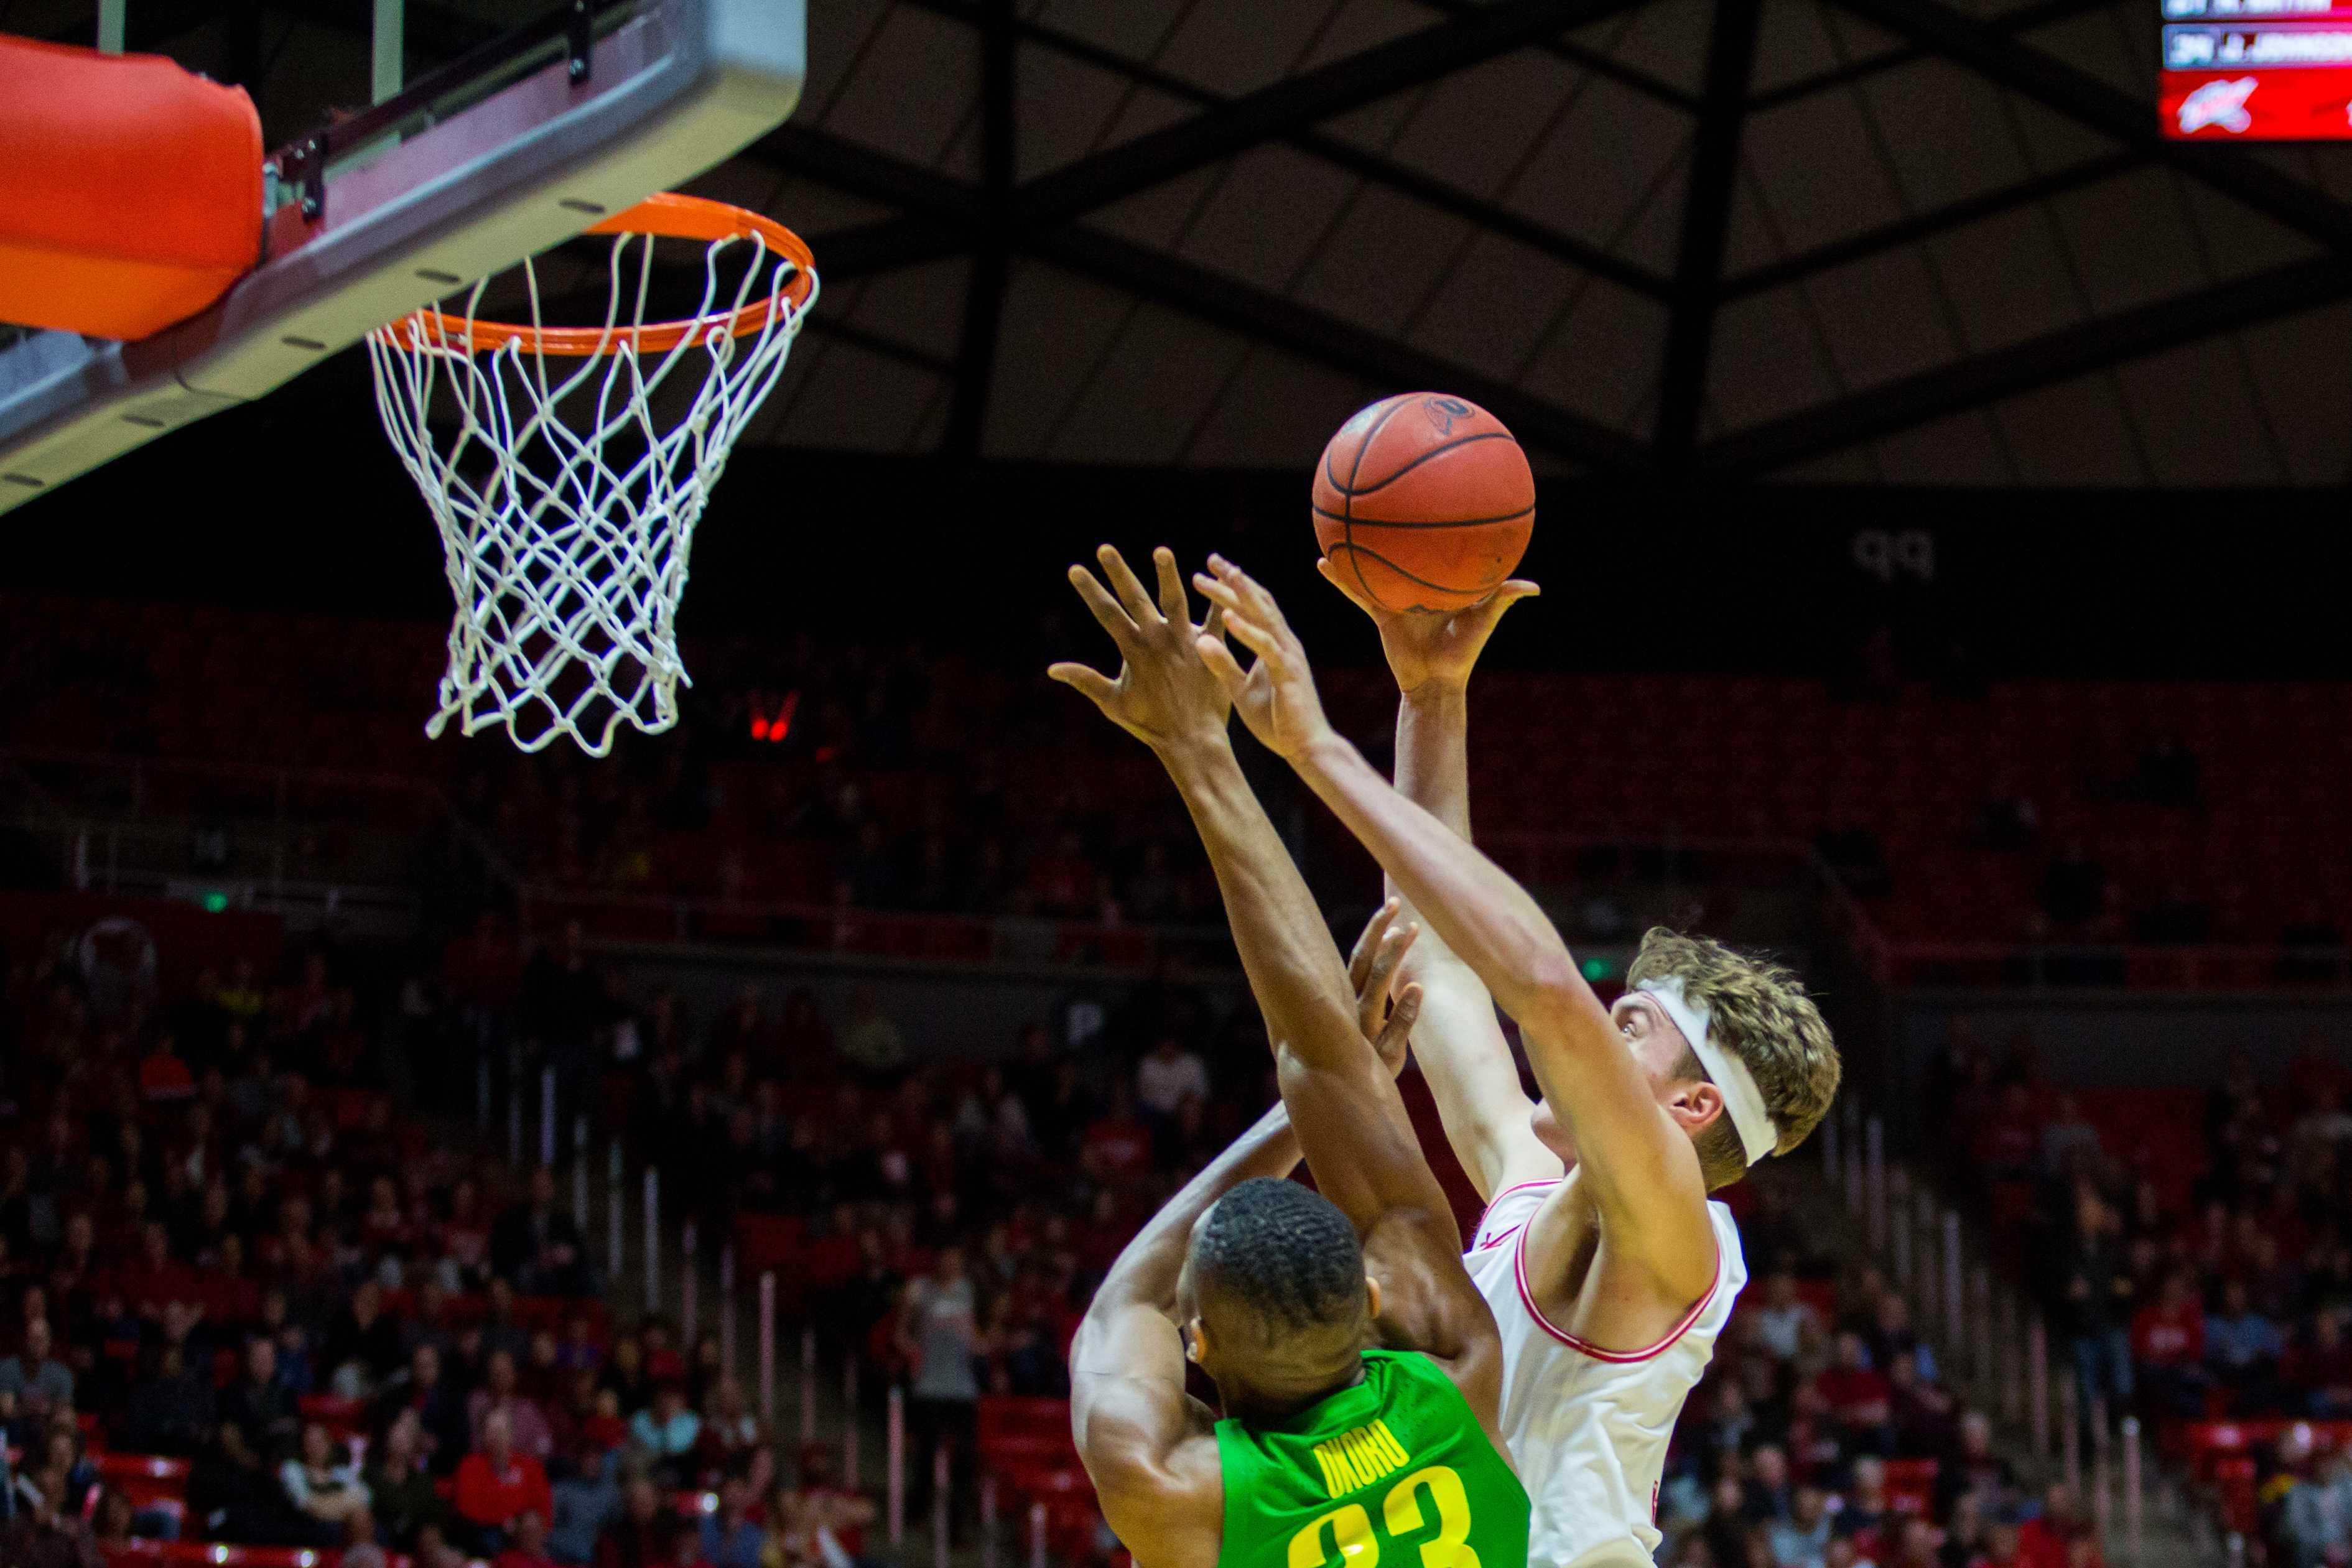 University of Utah junior forward Jayce Johnson (34) scored over an Oregon defender in an NCAA Men's Basketball game vs. the University of Oregon at Jon M. Huntsman Center in Salt Lake City, UT on Thursday January 31, 2019.  (Photo by Curtis Lin | Daily Utah Chronicle)